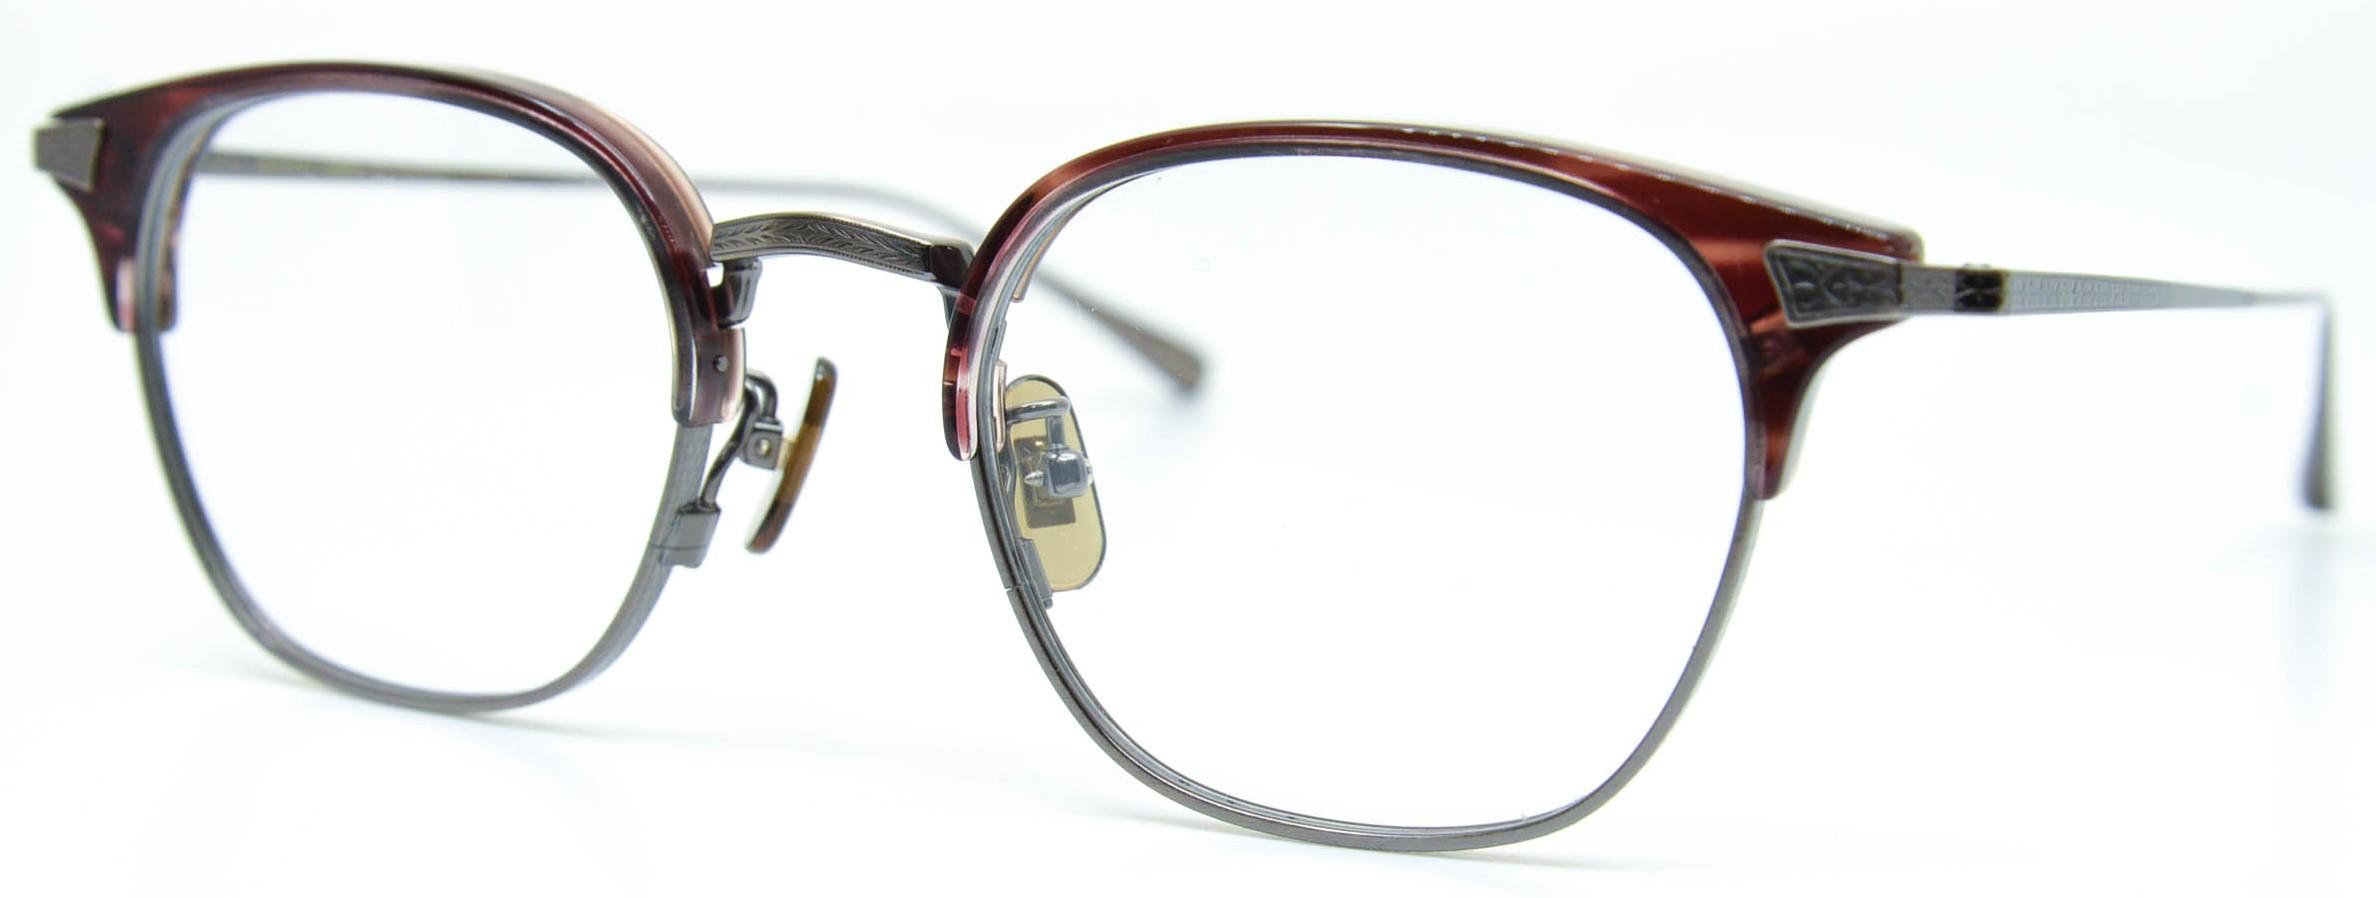 眼鏡のカラータイプC-3 Wine-Sasa/At-Brown